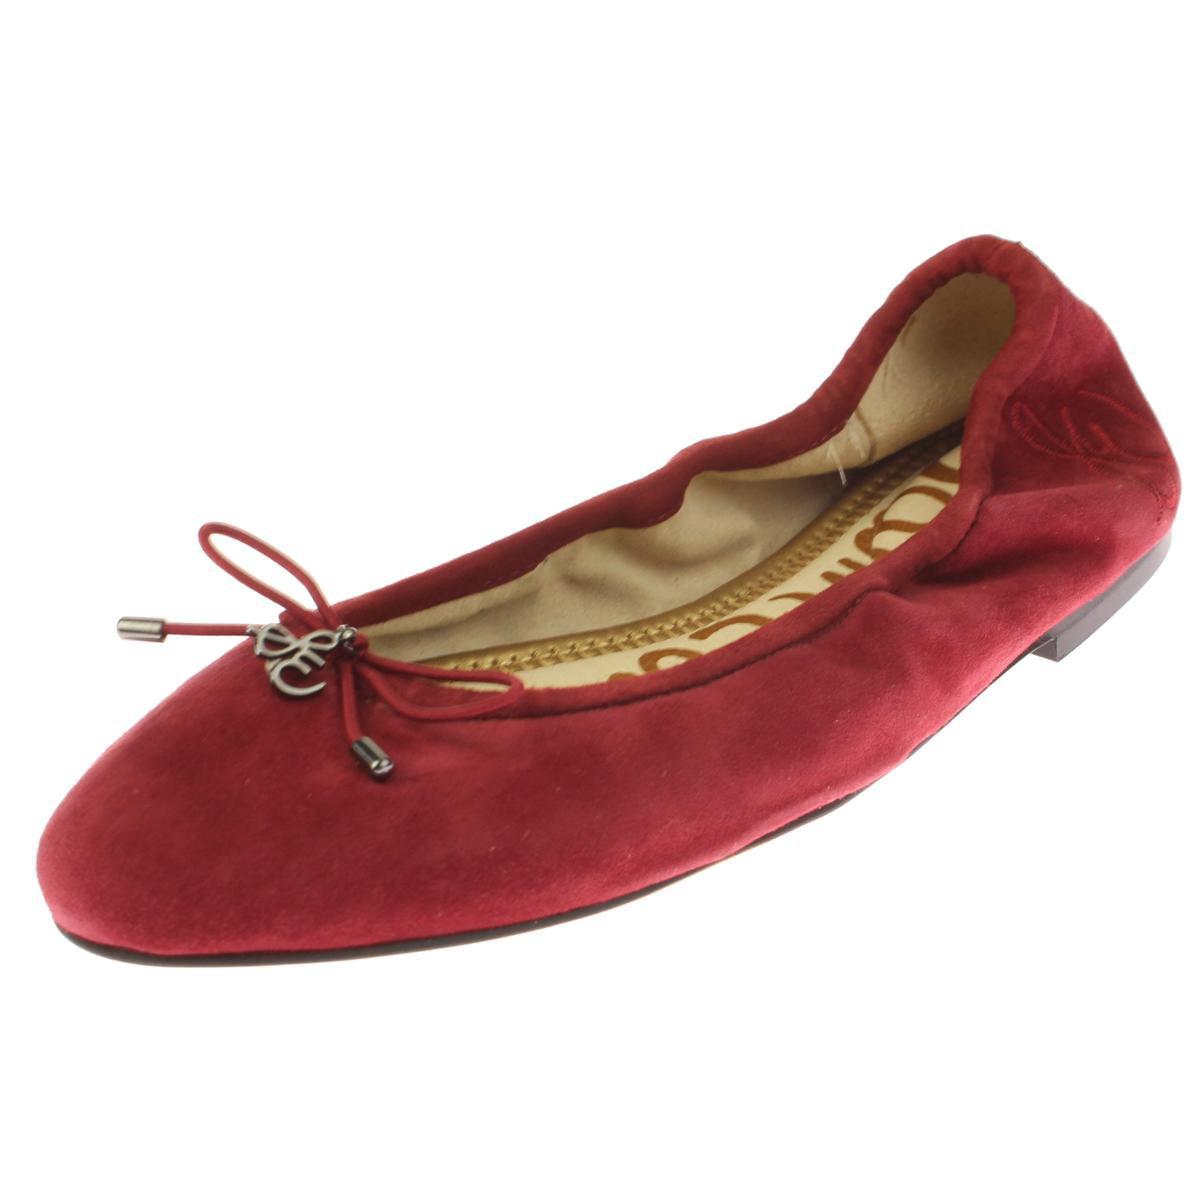 Sam Edelman Womens Felicia Suede Bow Ballet Flats